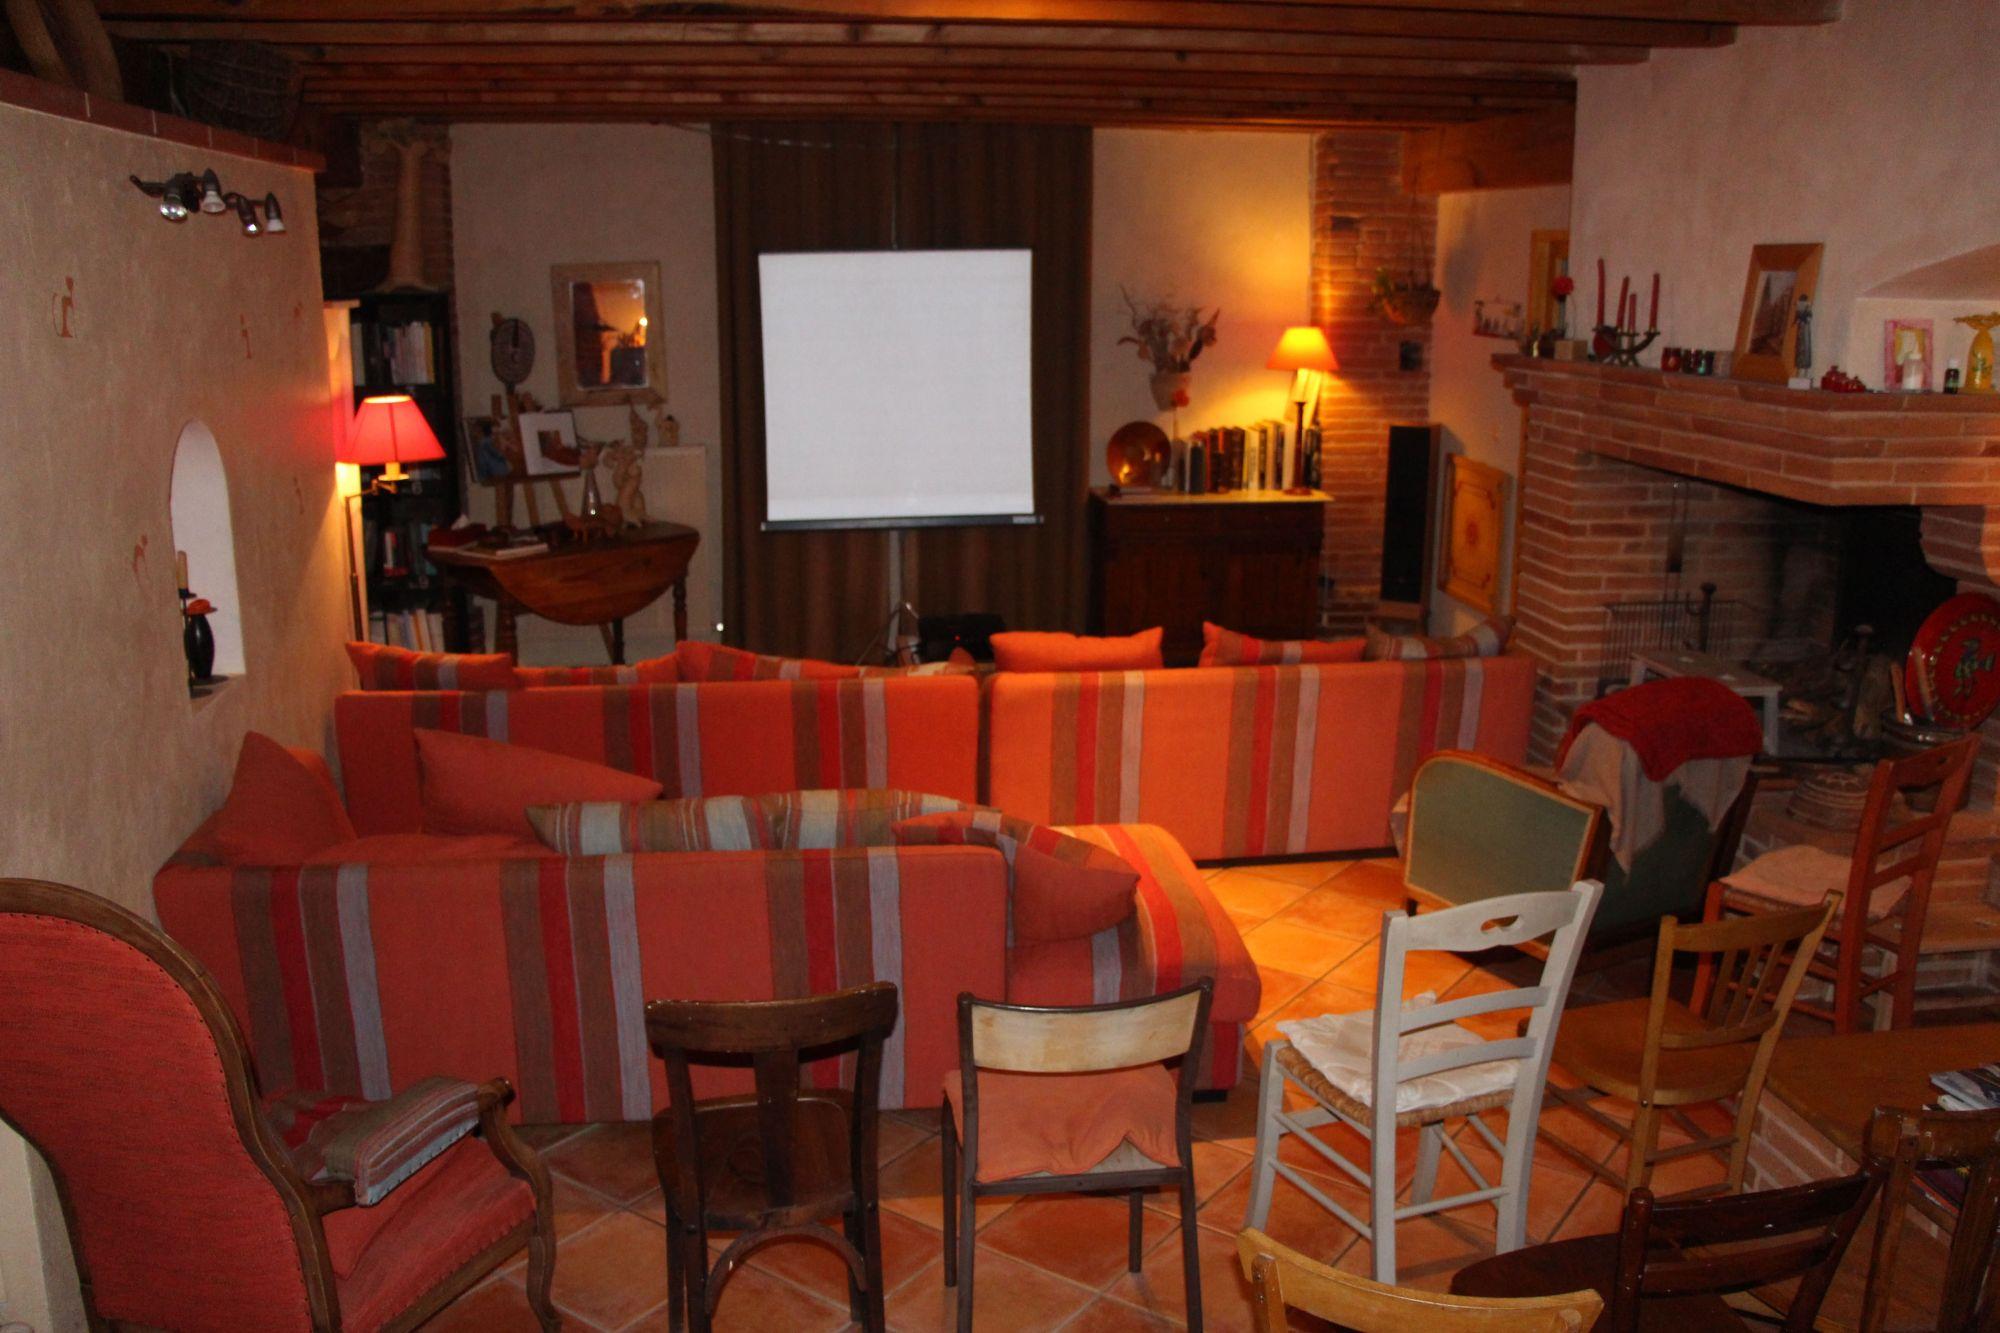 Salle cinéma maison